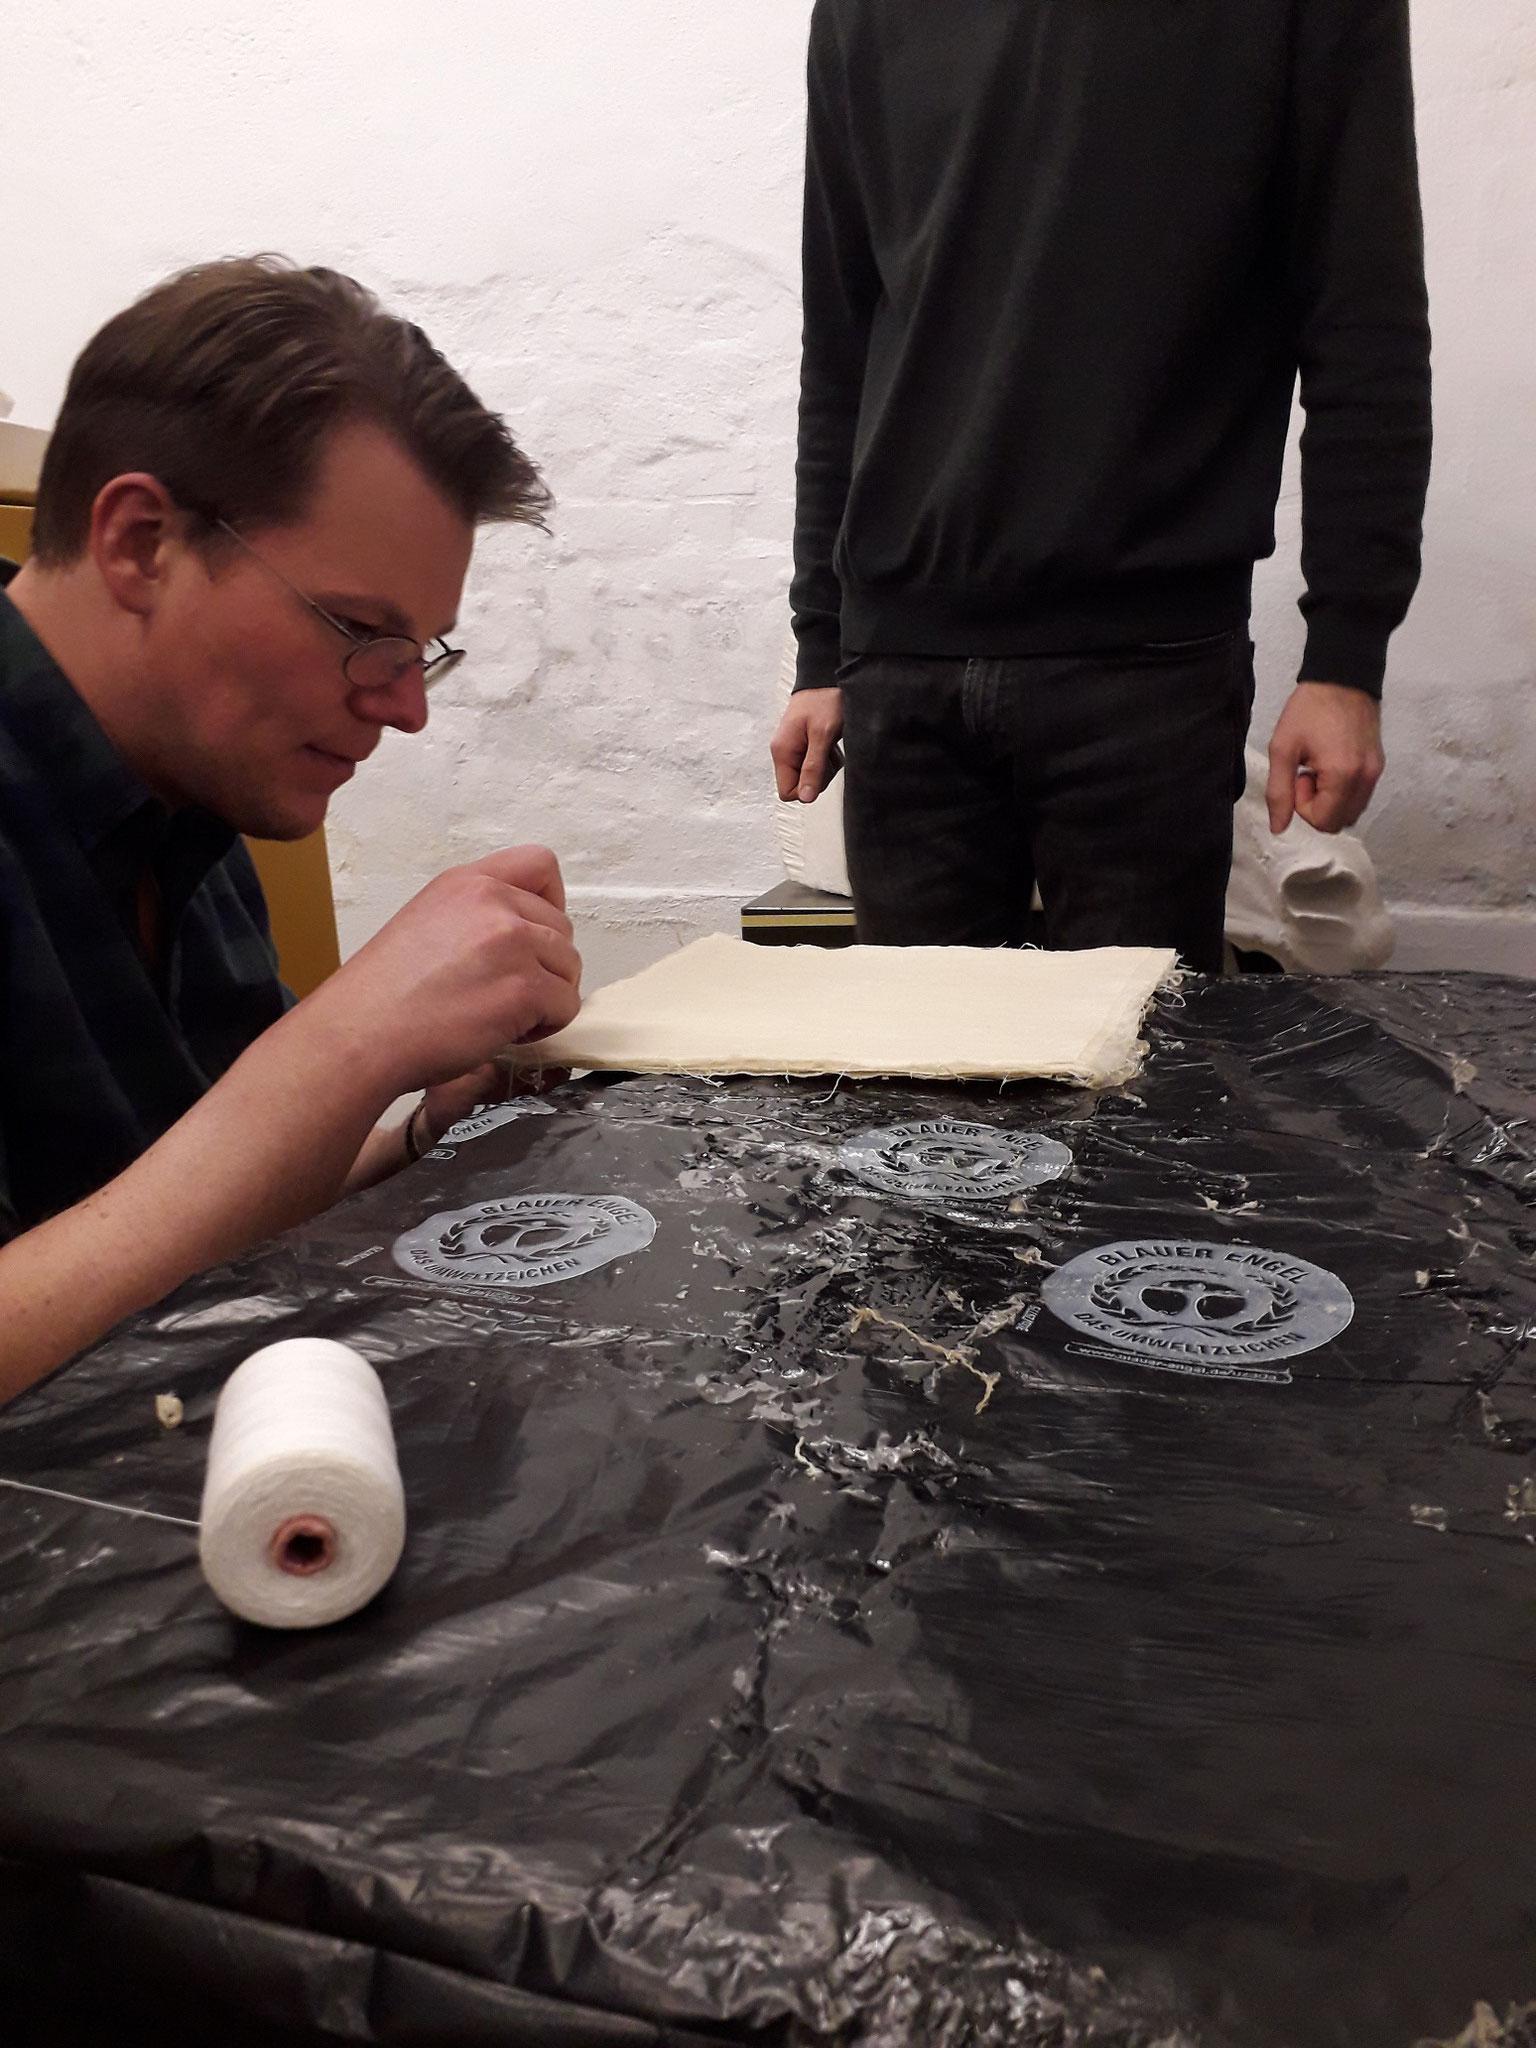 Die Fäden zum Aufhängen eines Teststückes wurden einfach mit Nadel und Faden angebracht. Im feuchten Zustand gleitet die Nadel problemlos durch die Platte.